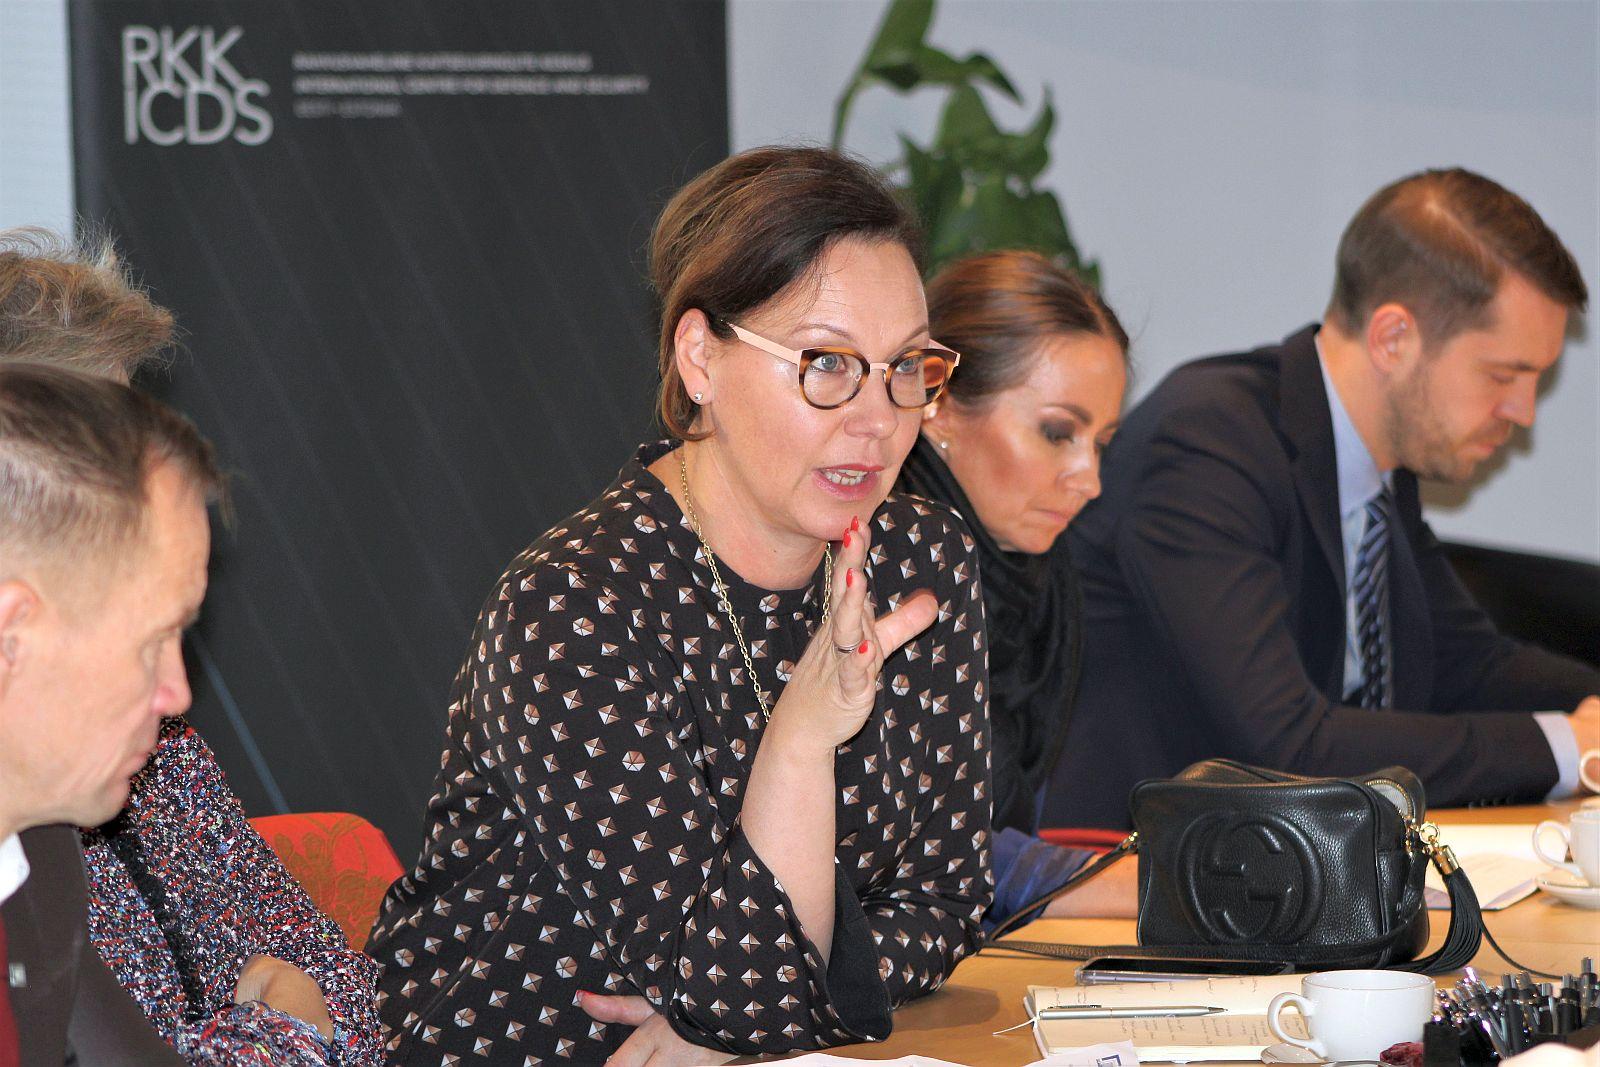 Image for Soome parlamendi väliskomisjoni liikmed külastasid RKK-d